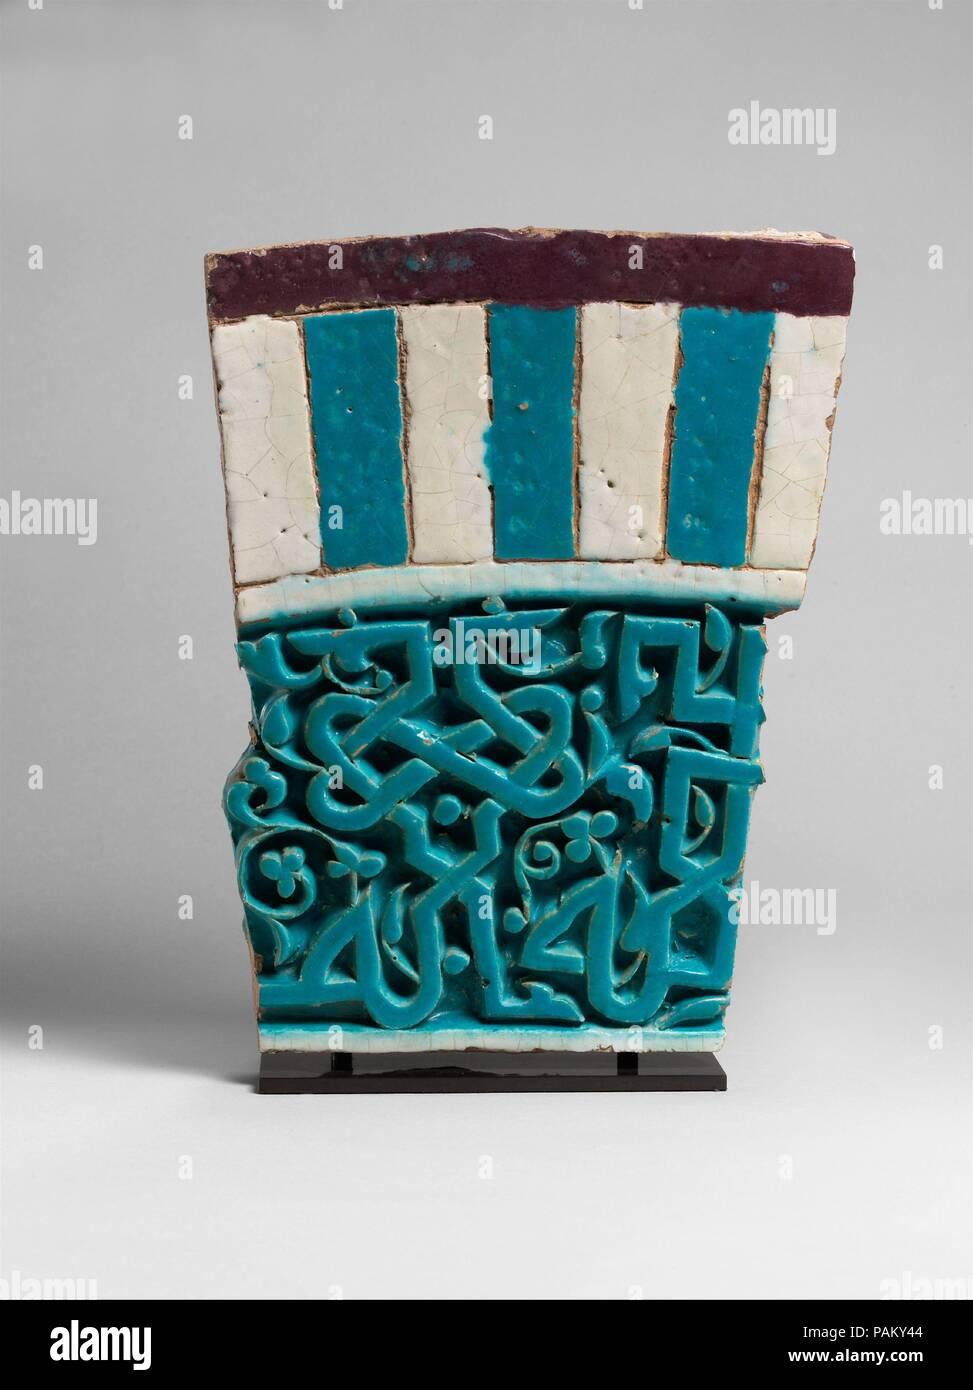 Mosaico arquitectónico con inscripción parcial. Dimensiones: 14 x 11 ...